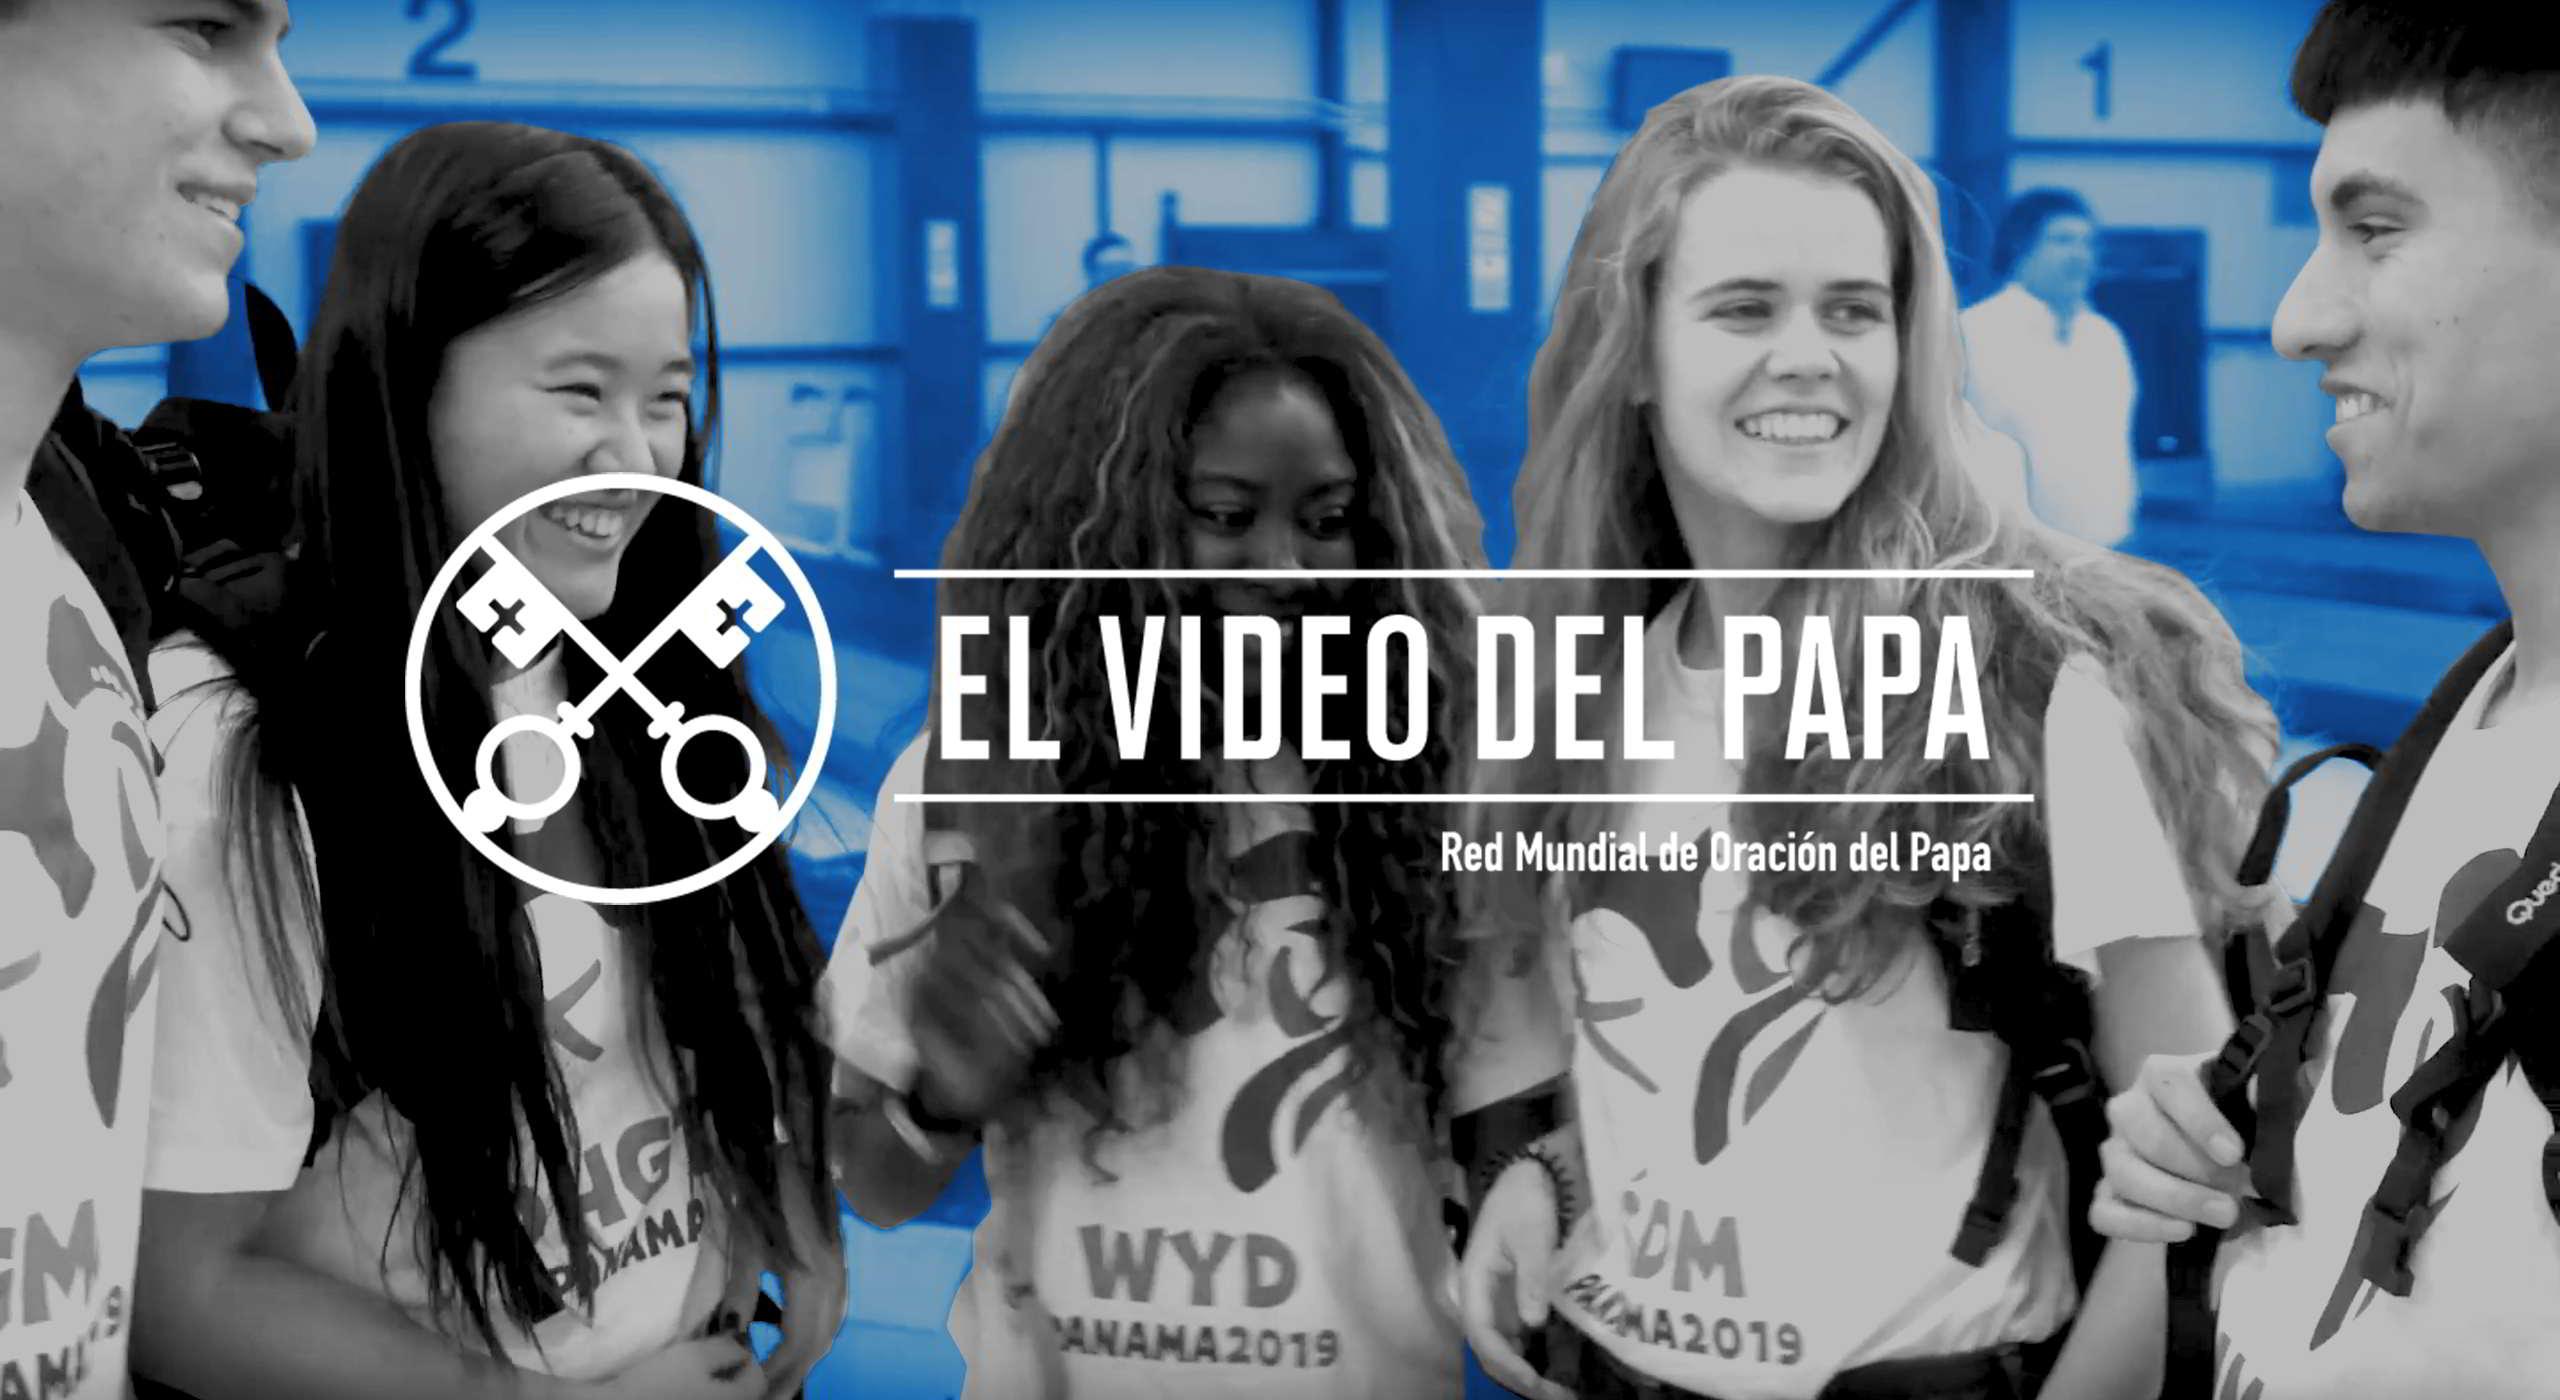 Official Image - TPV 1 2019 - 2 ES - El Video del Papa - Jovenes en la escuela de María